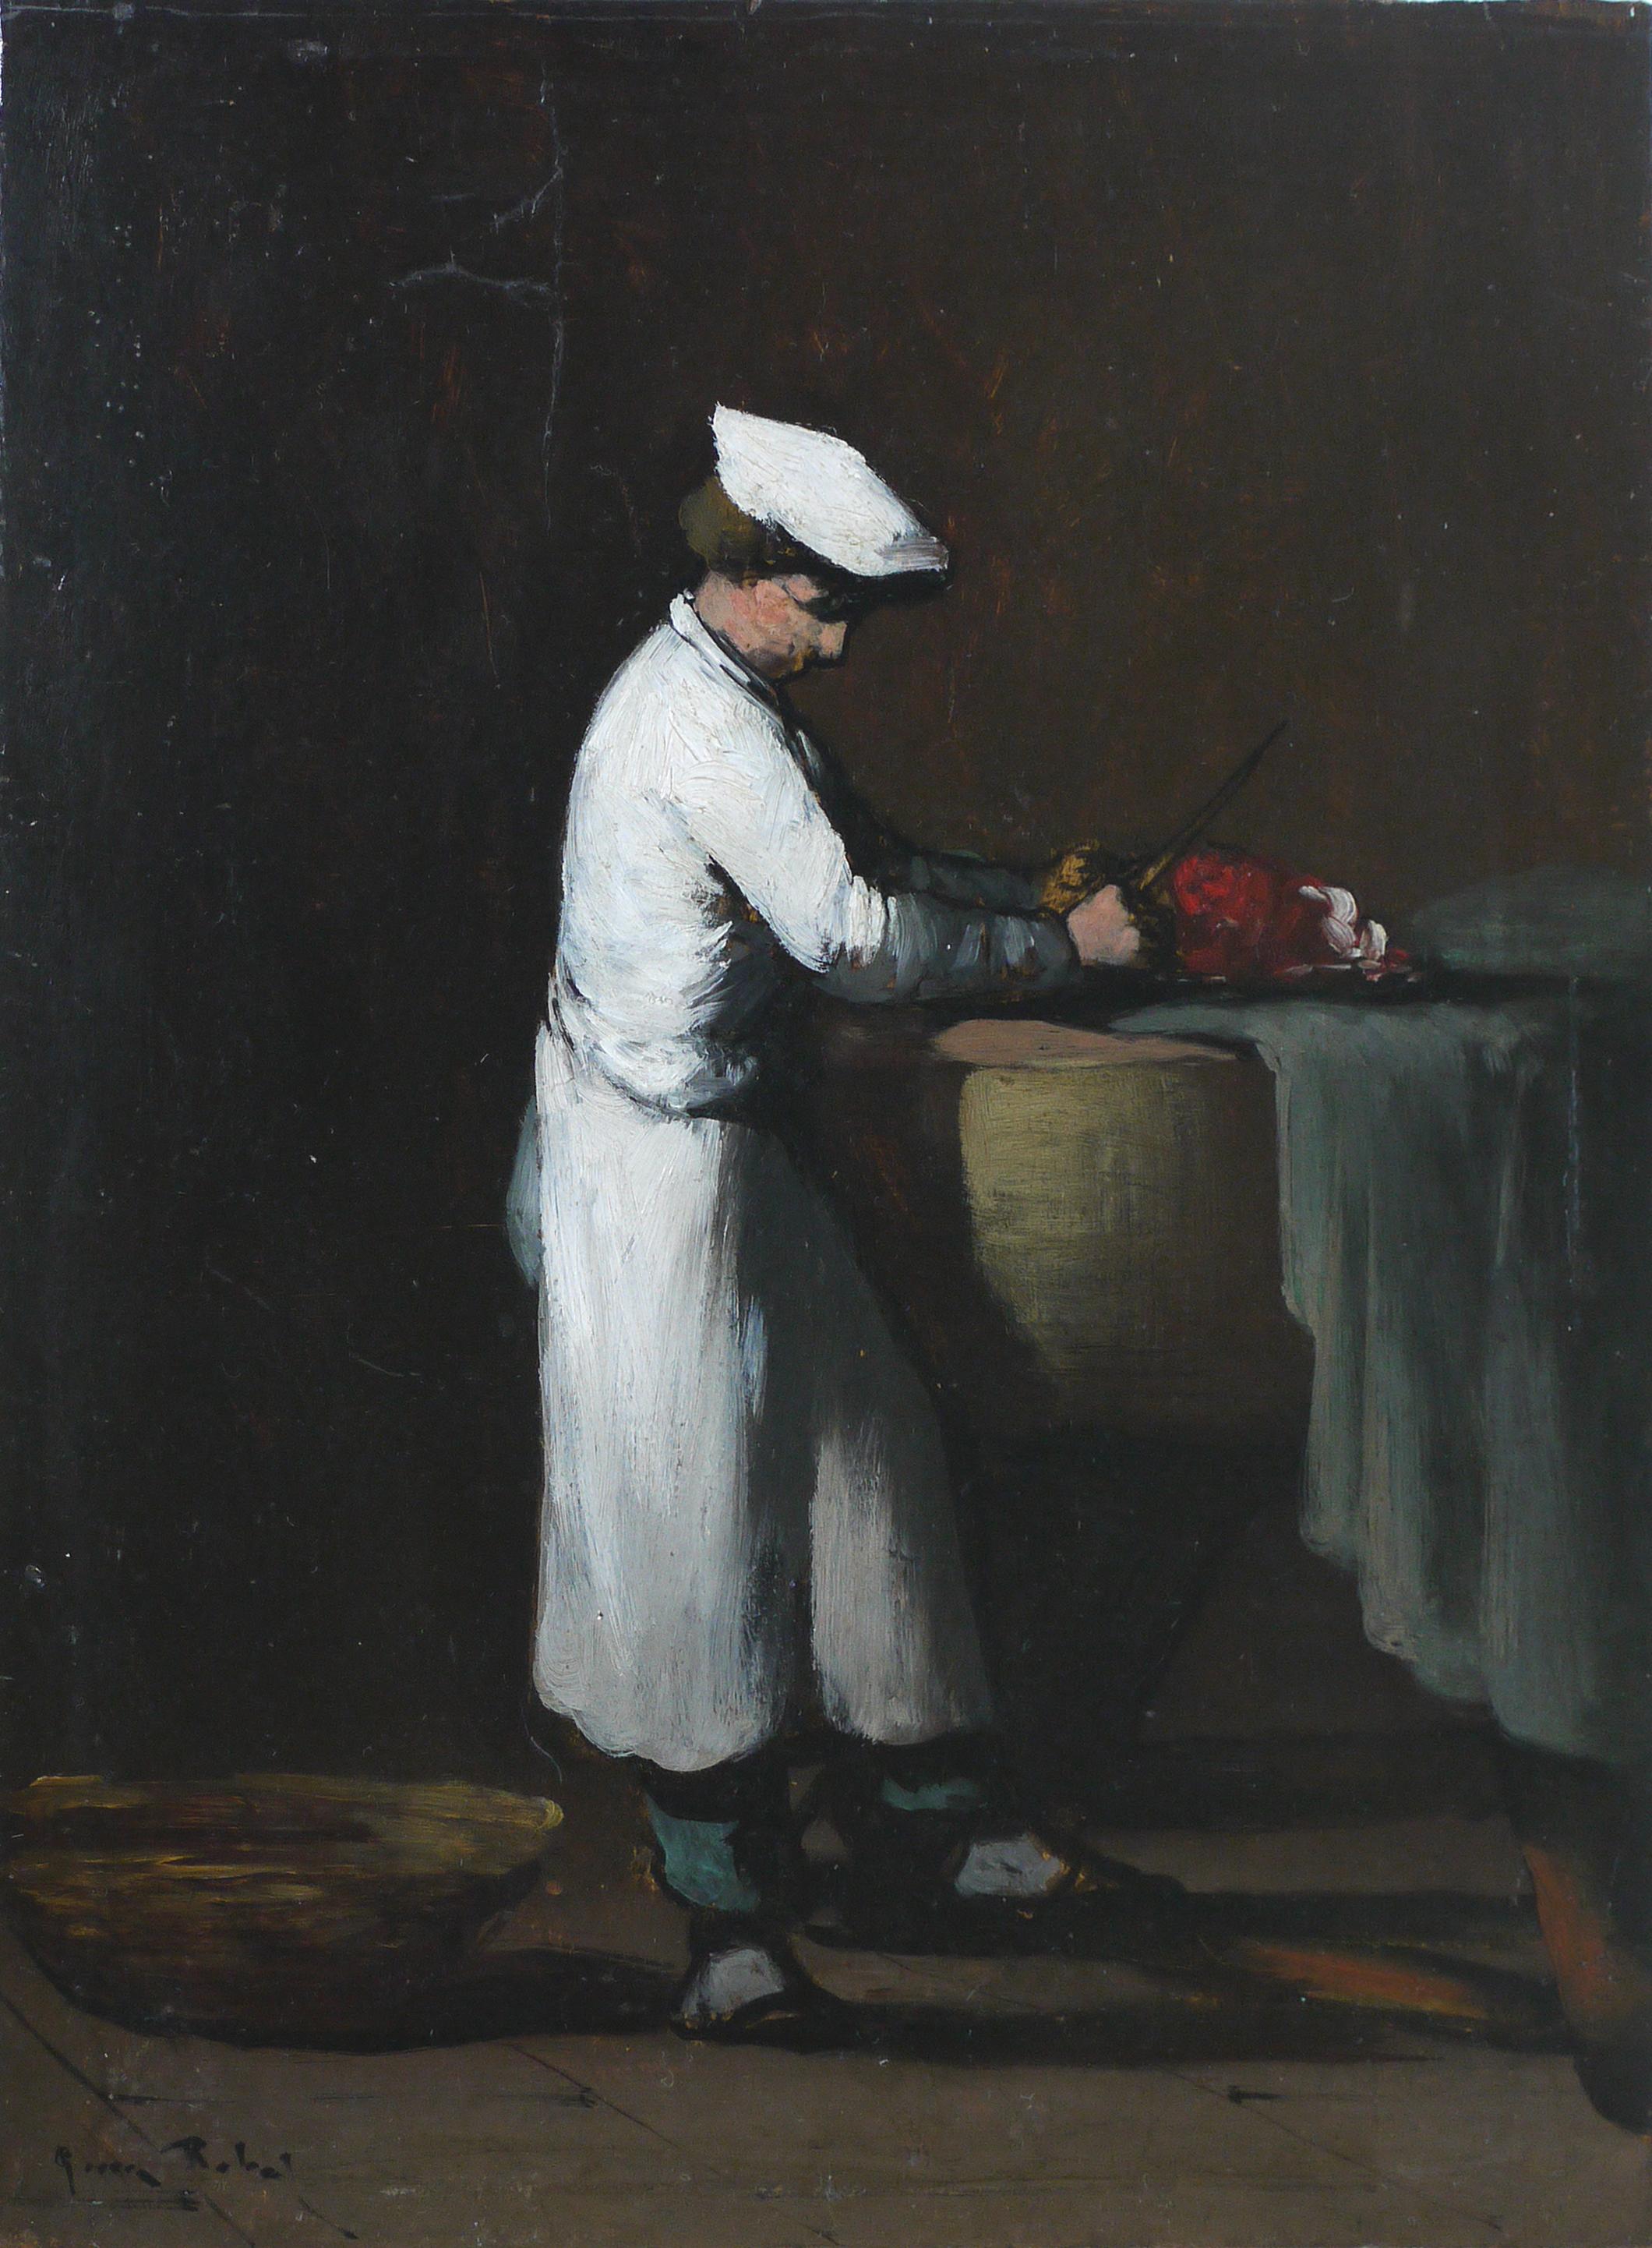 Théodule Ribot, Garçon Cuisinier, 19ème s. © Musée de Valence, photographie Béatrice Roussel